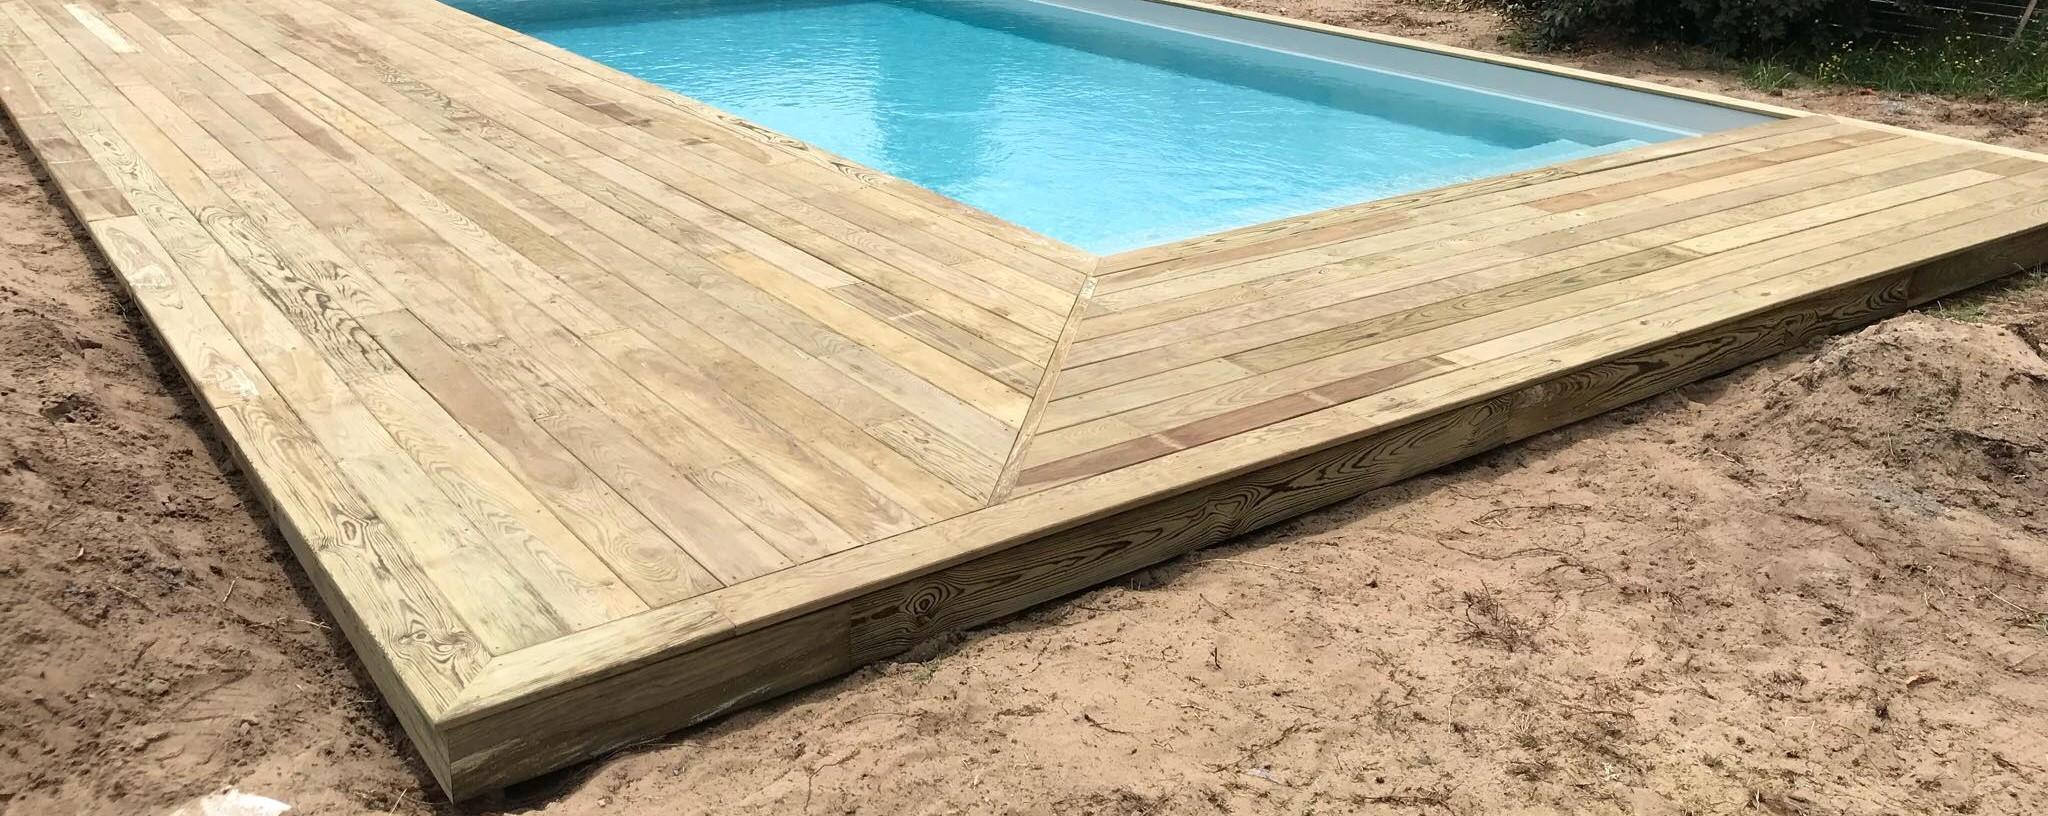 Combien coûte une terrasse en bois ? (Spoiler : ça dépend !)